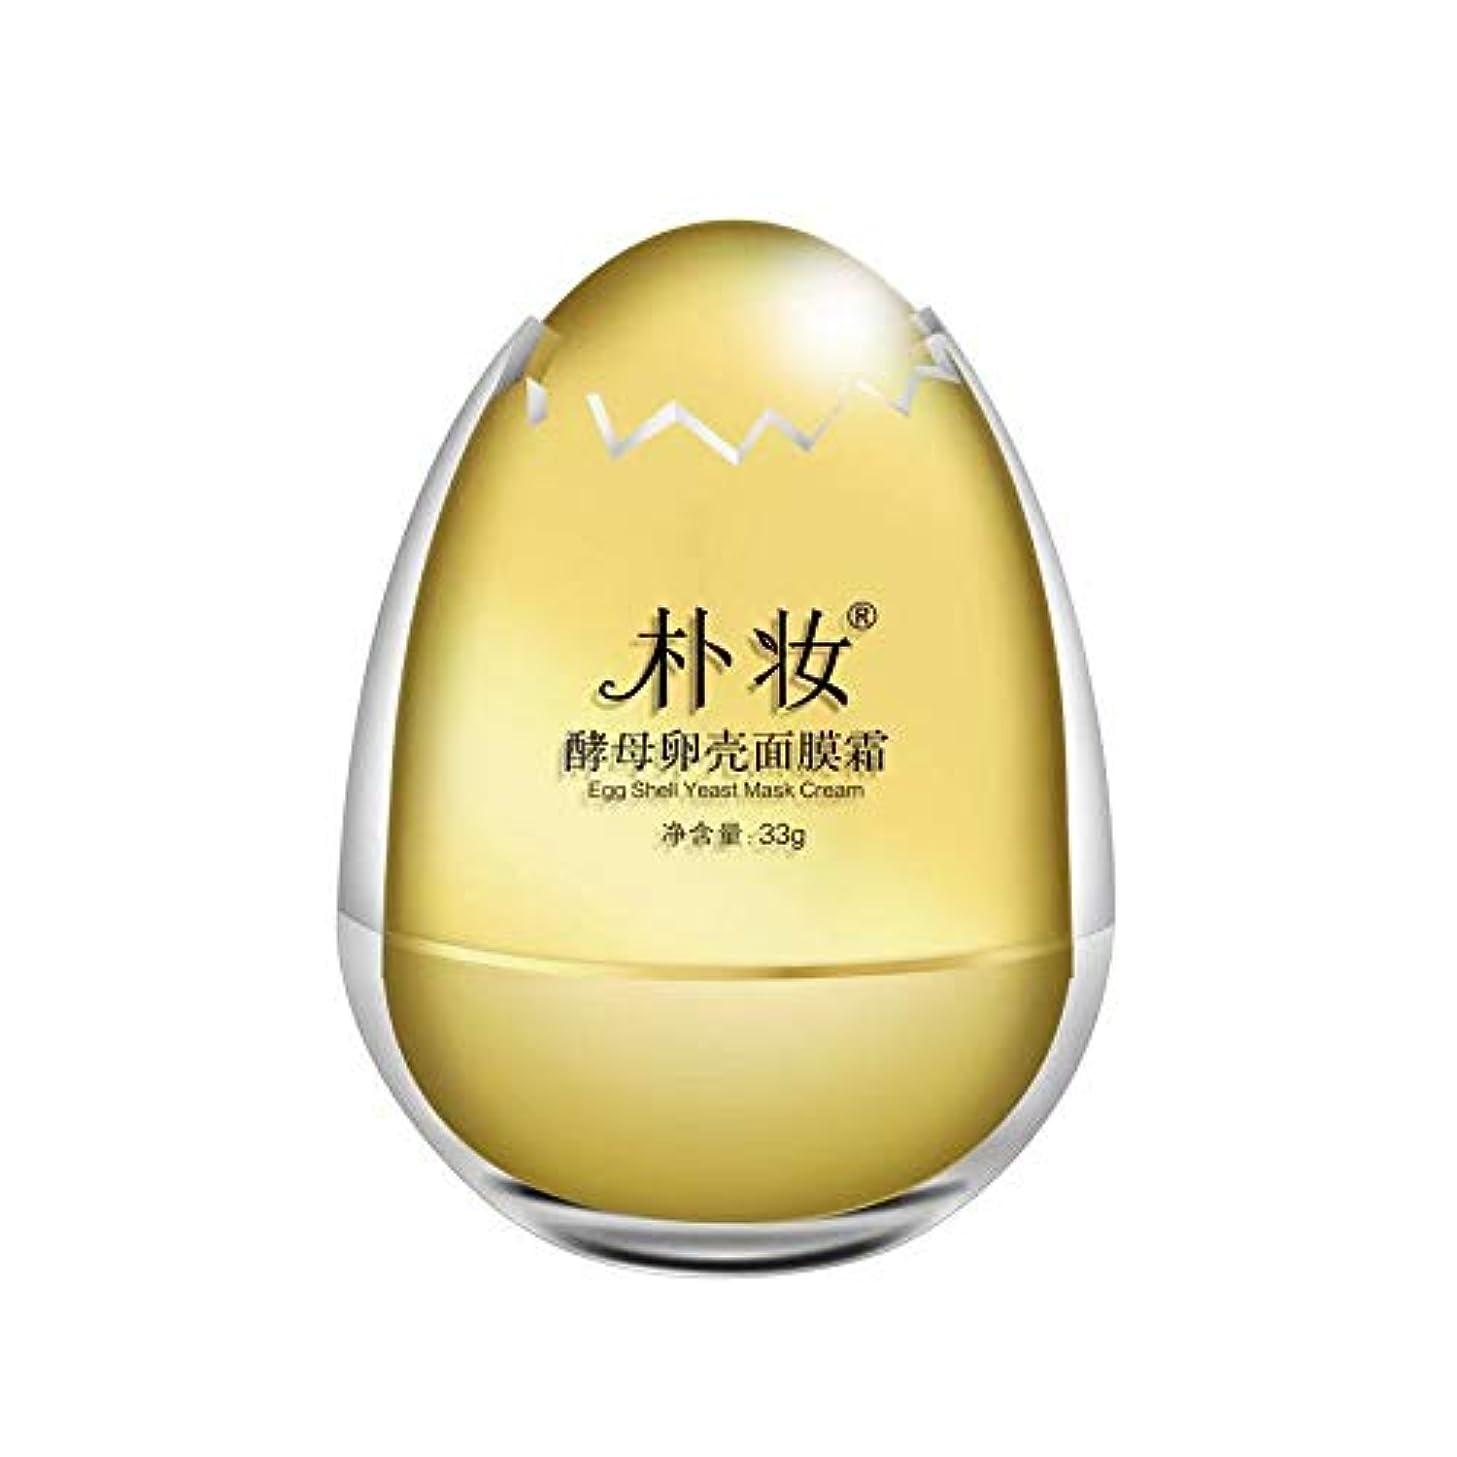 サービス蒸留する砂朴妆たんたんパック 酵母卵殻マスククリーム33g しっとりと た肌,シュリンクポア,しわ耐性,肌を引っ張る、